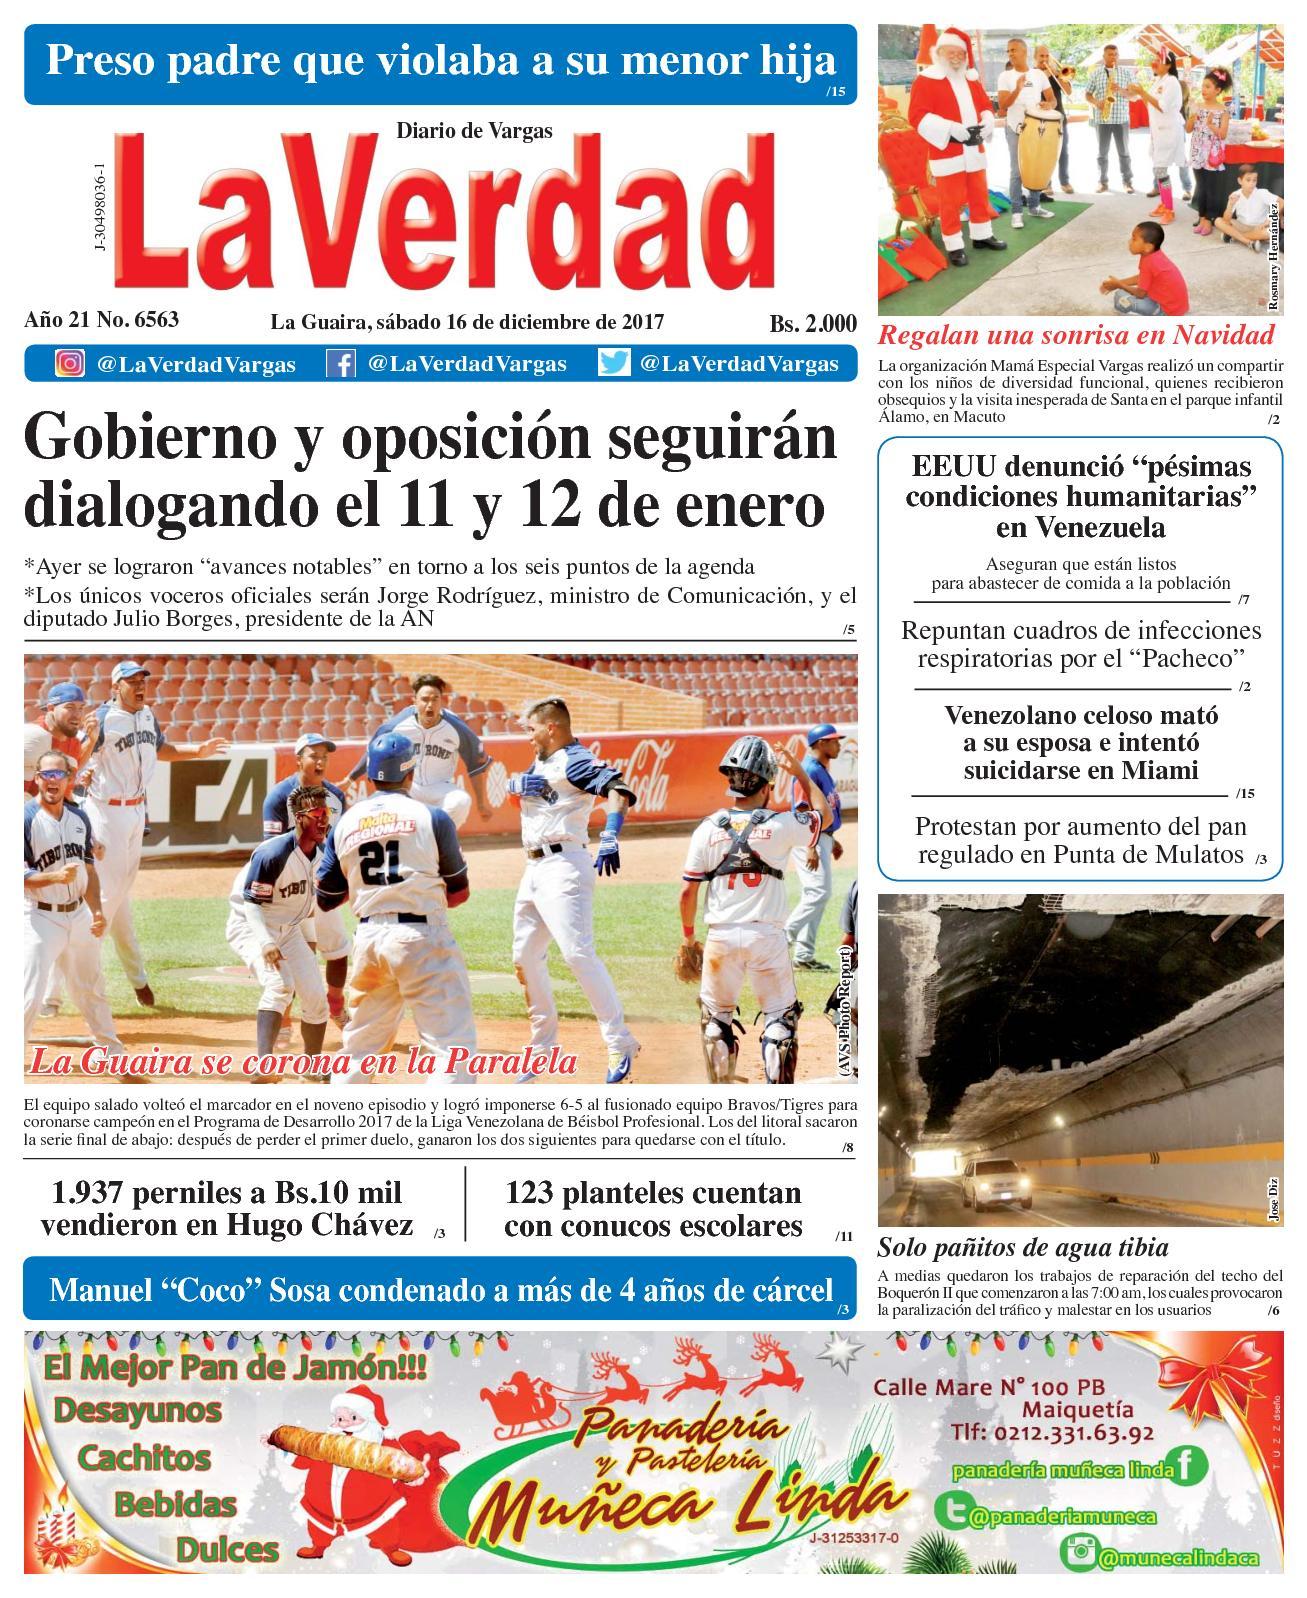 Calaméo - La Guaira, sábado 16 de diciembre de 2017. Año 20 No 6563